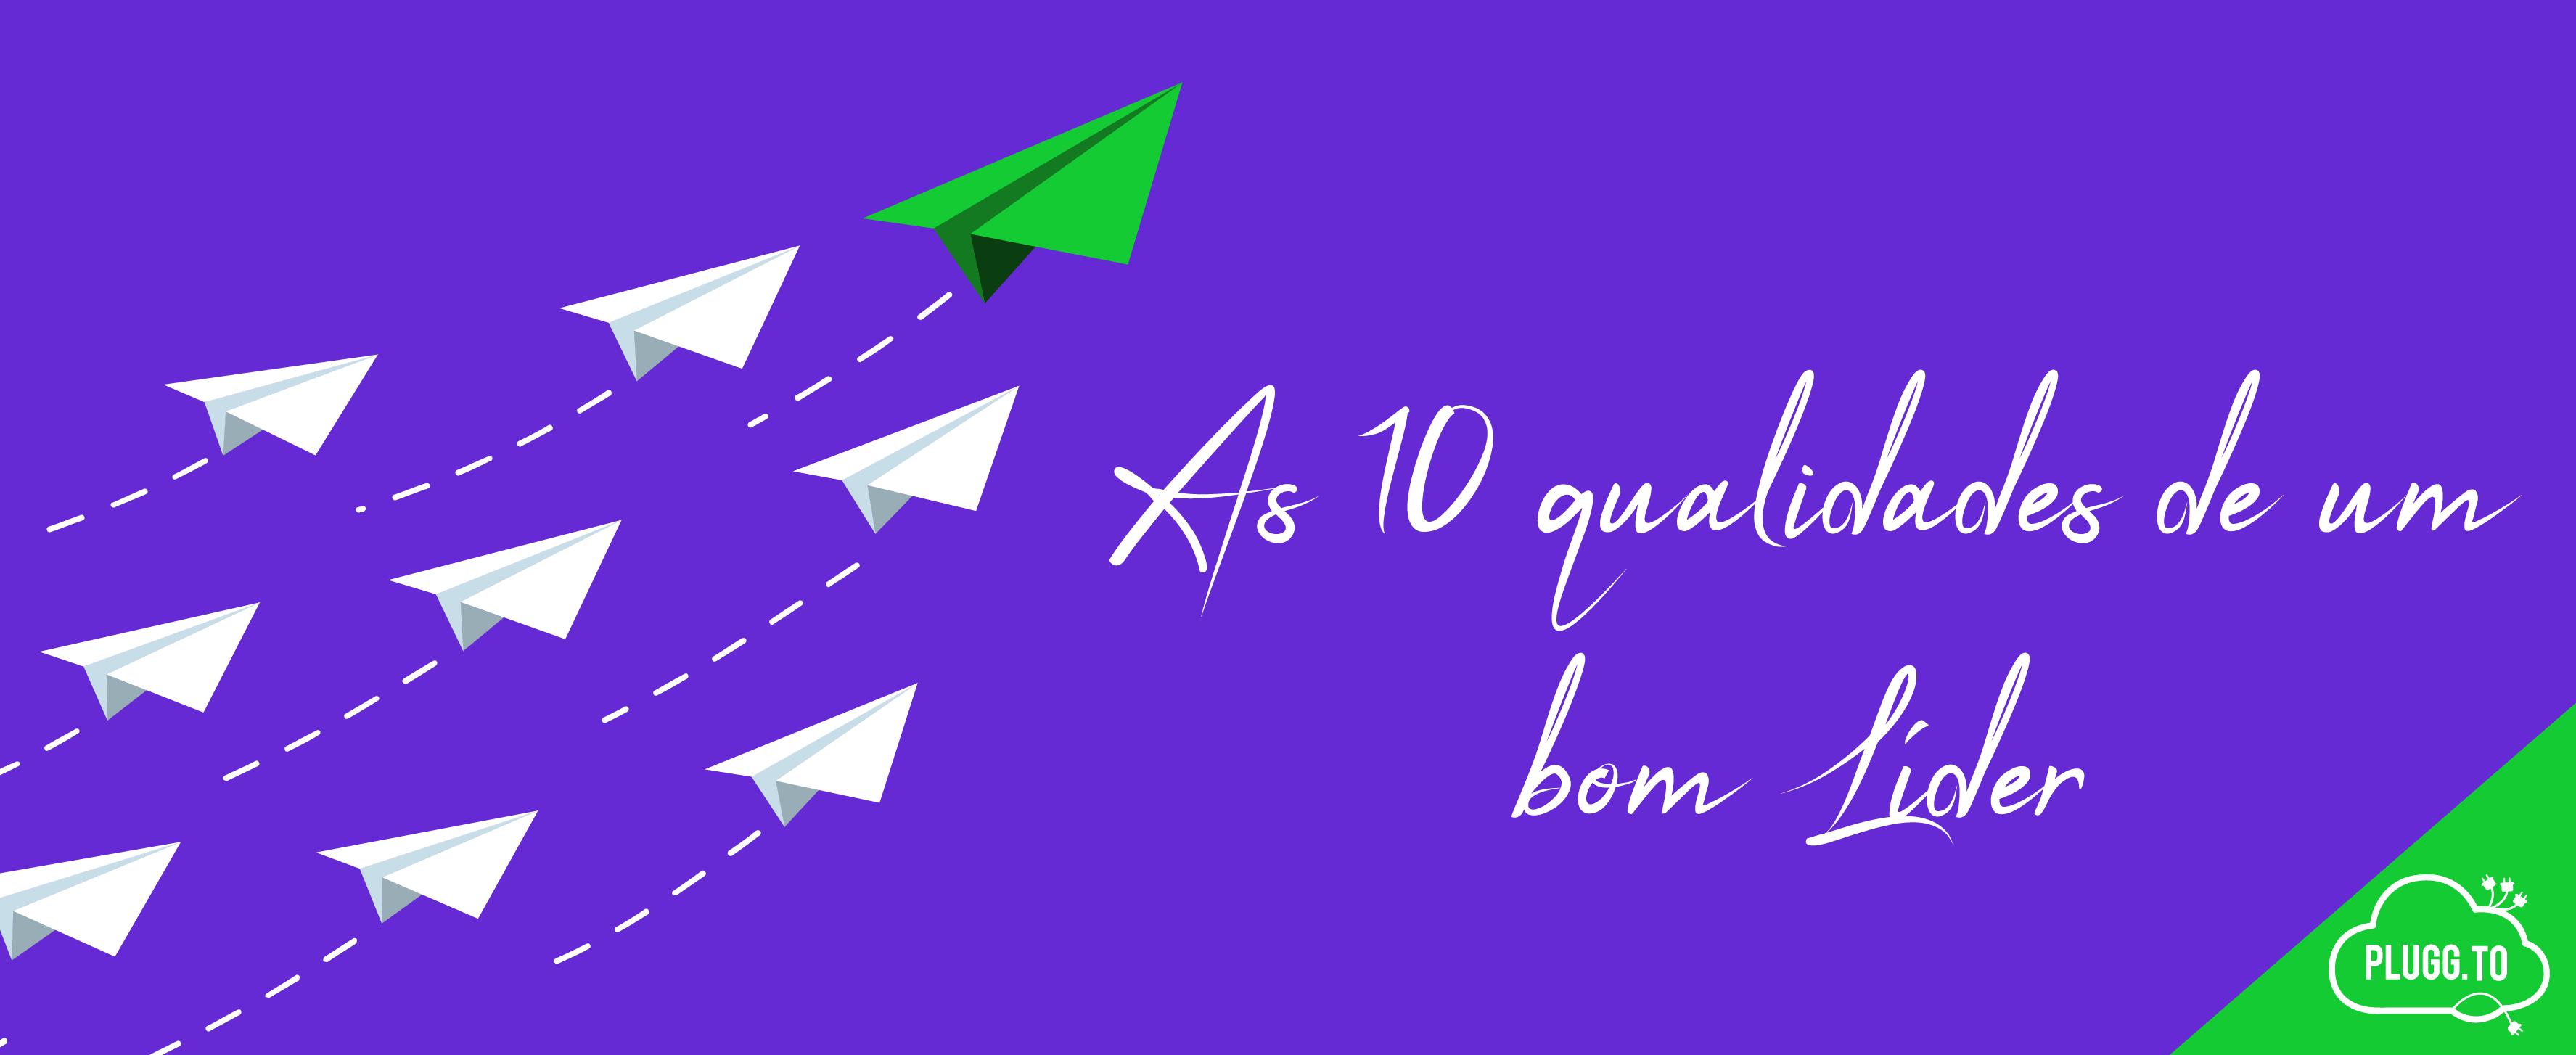 As 10 qualidades de um bom Líder